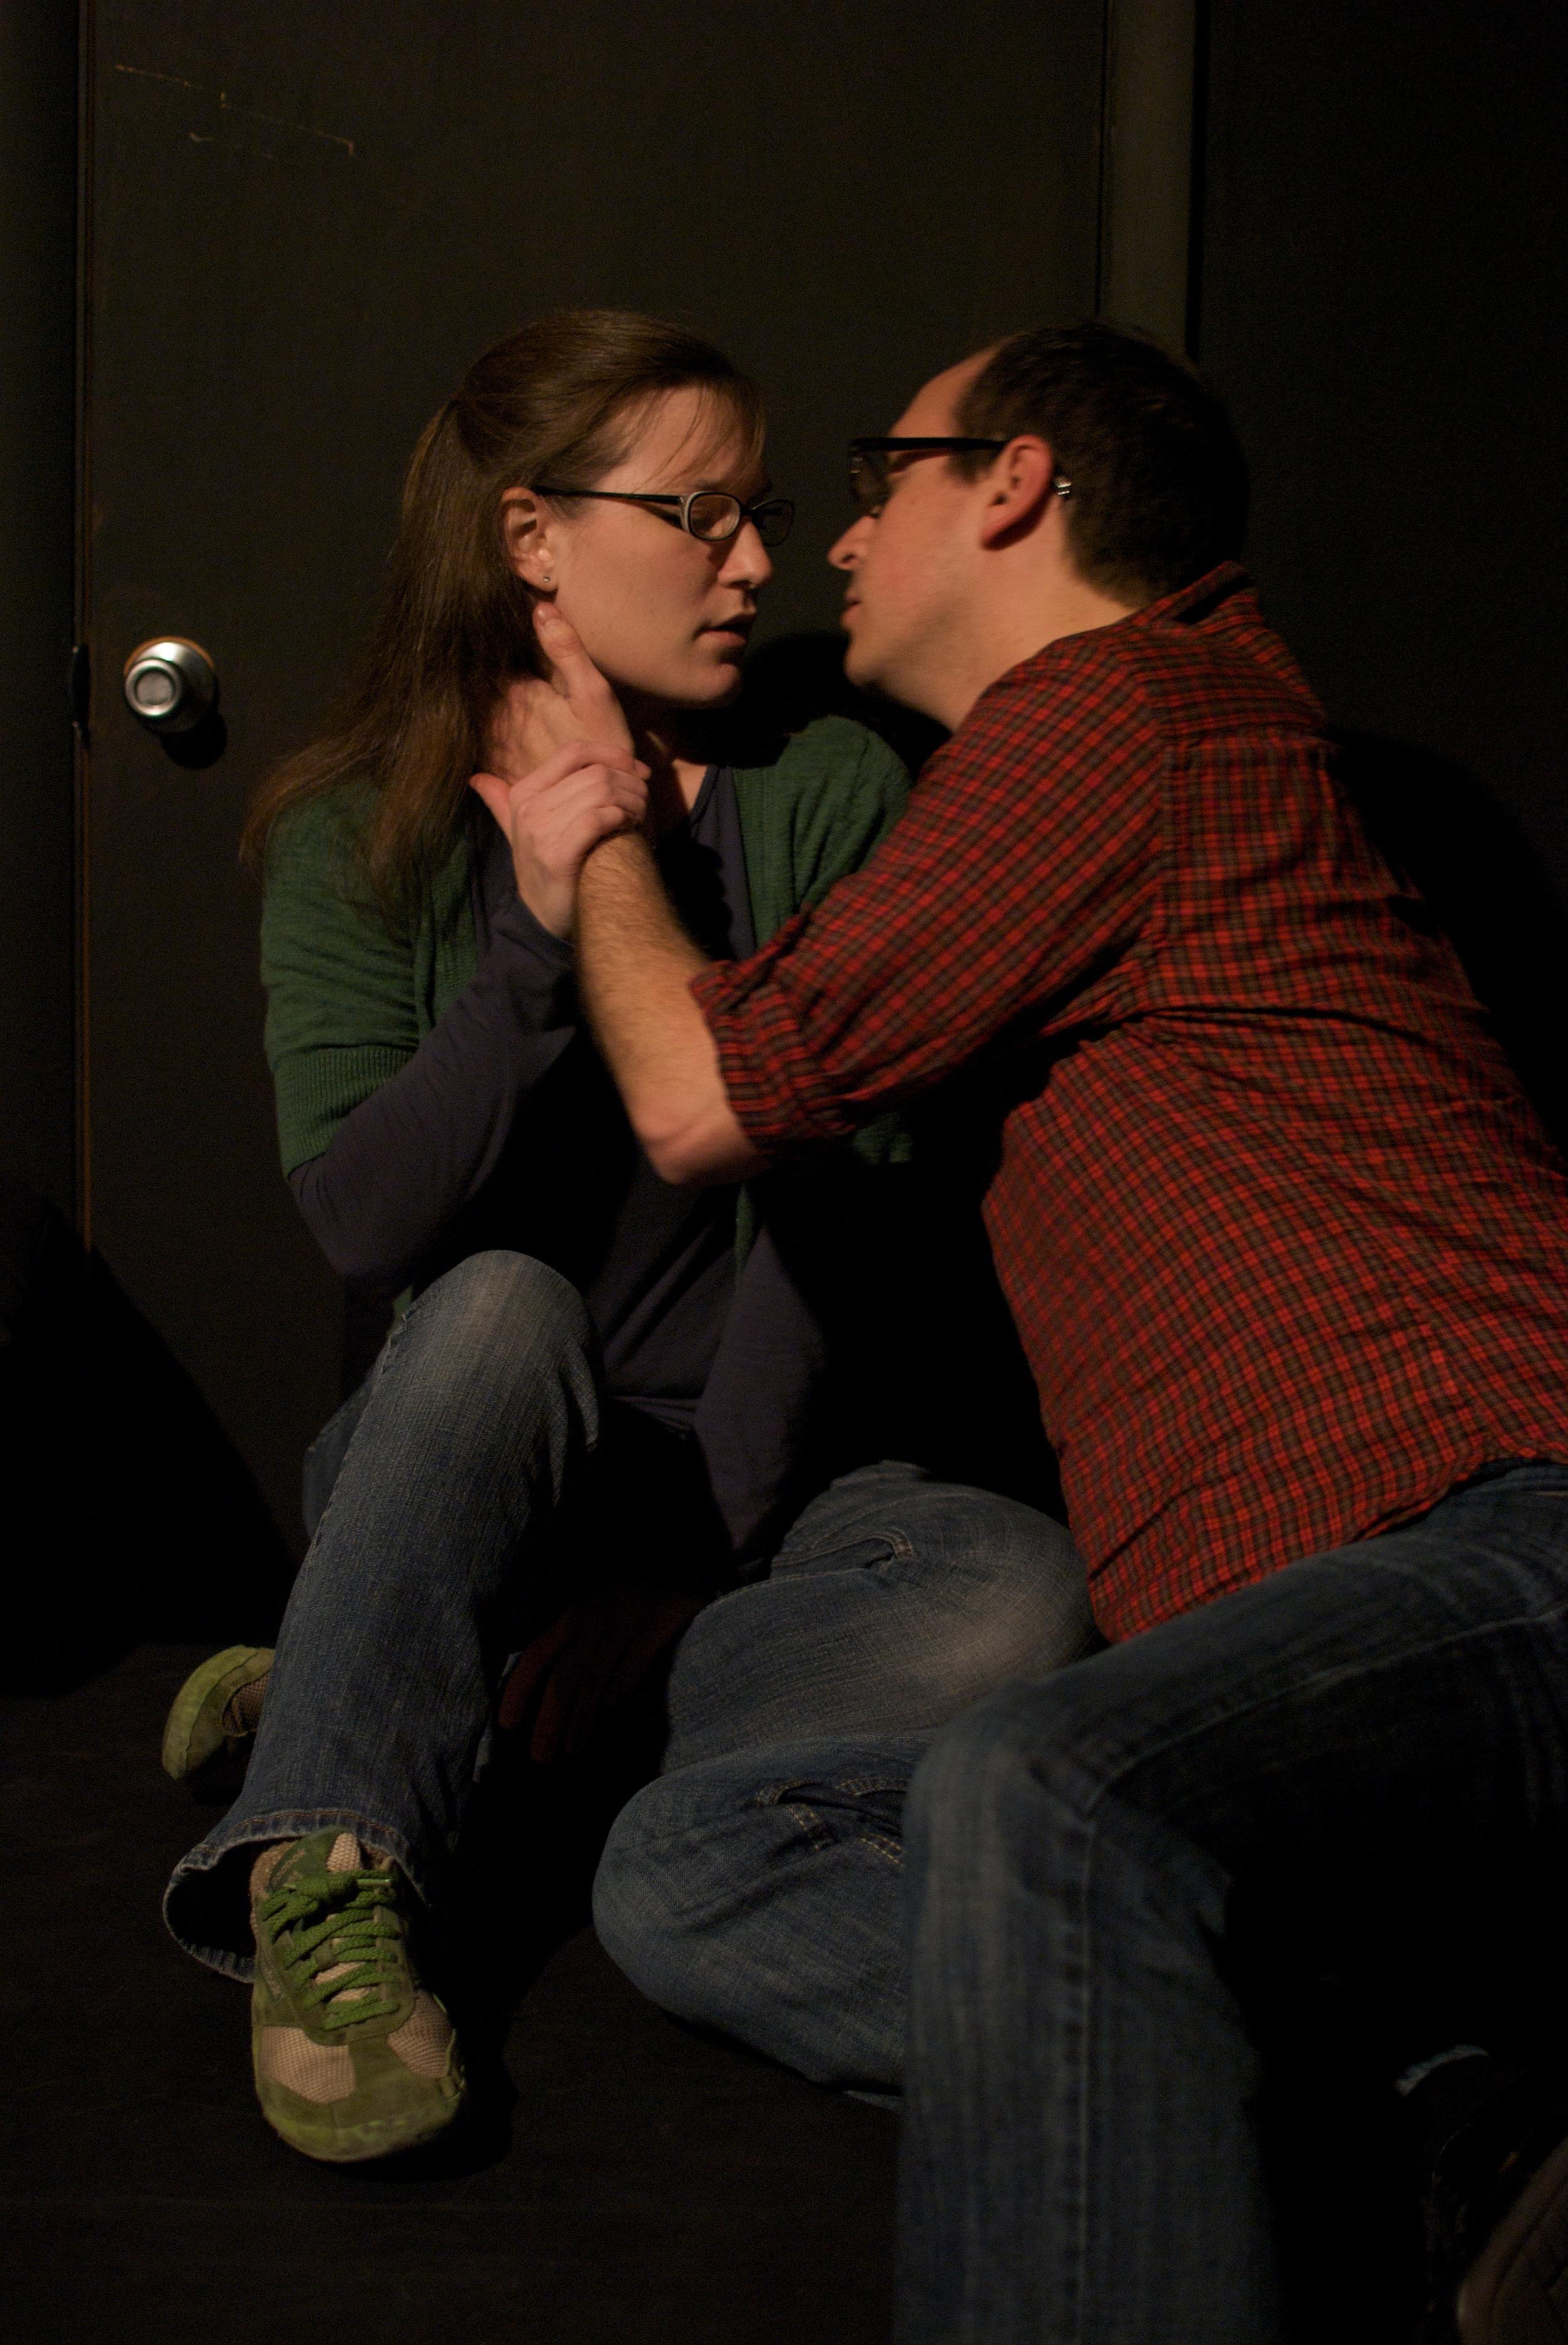 Stacie Hauenstein and McKenzie Gerber